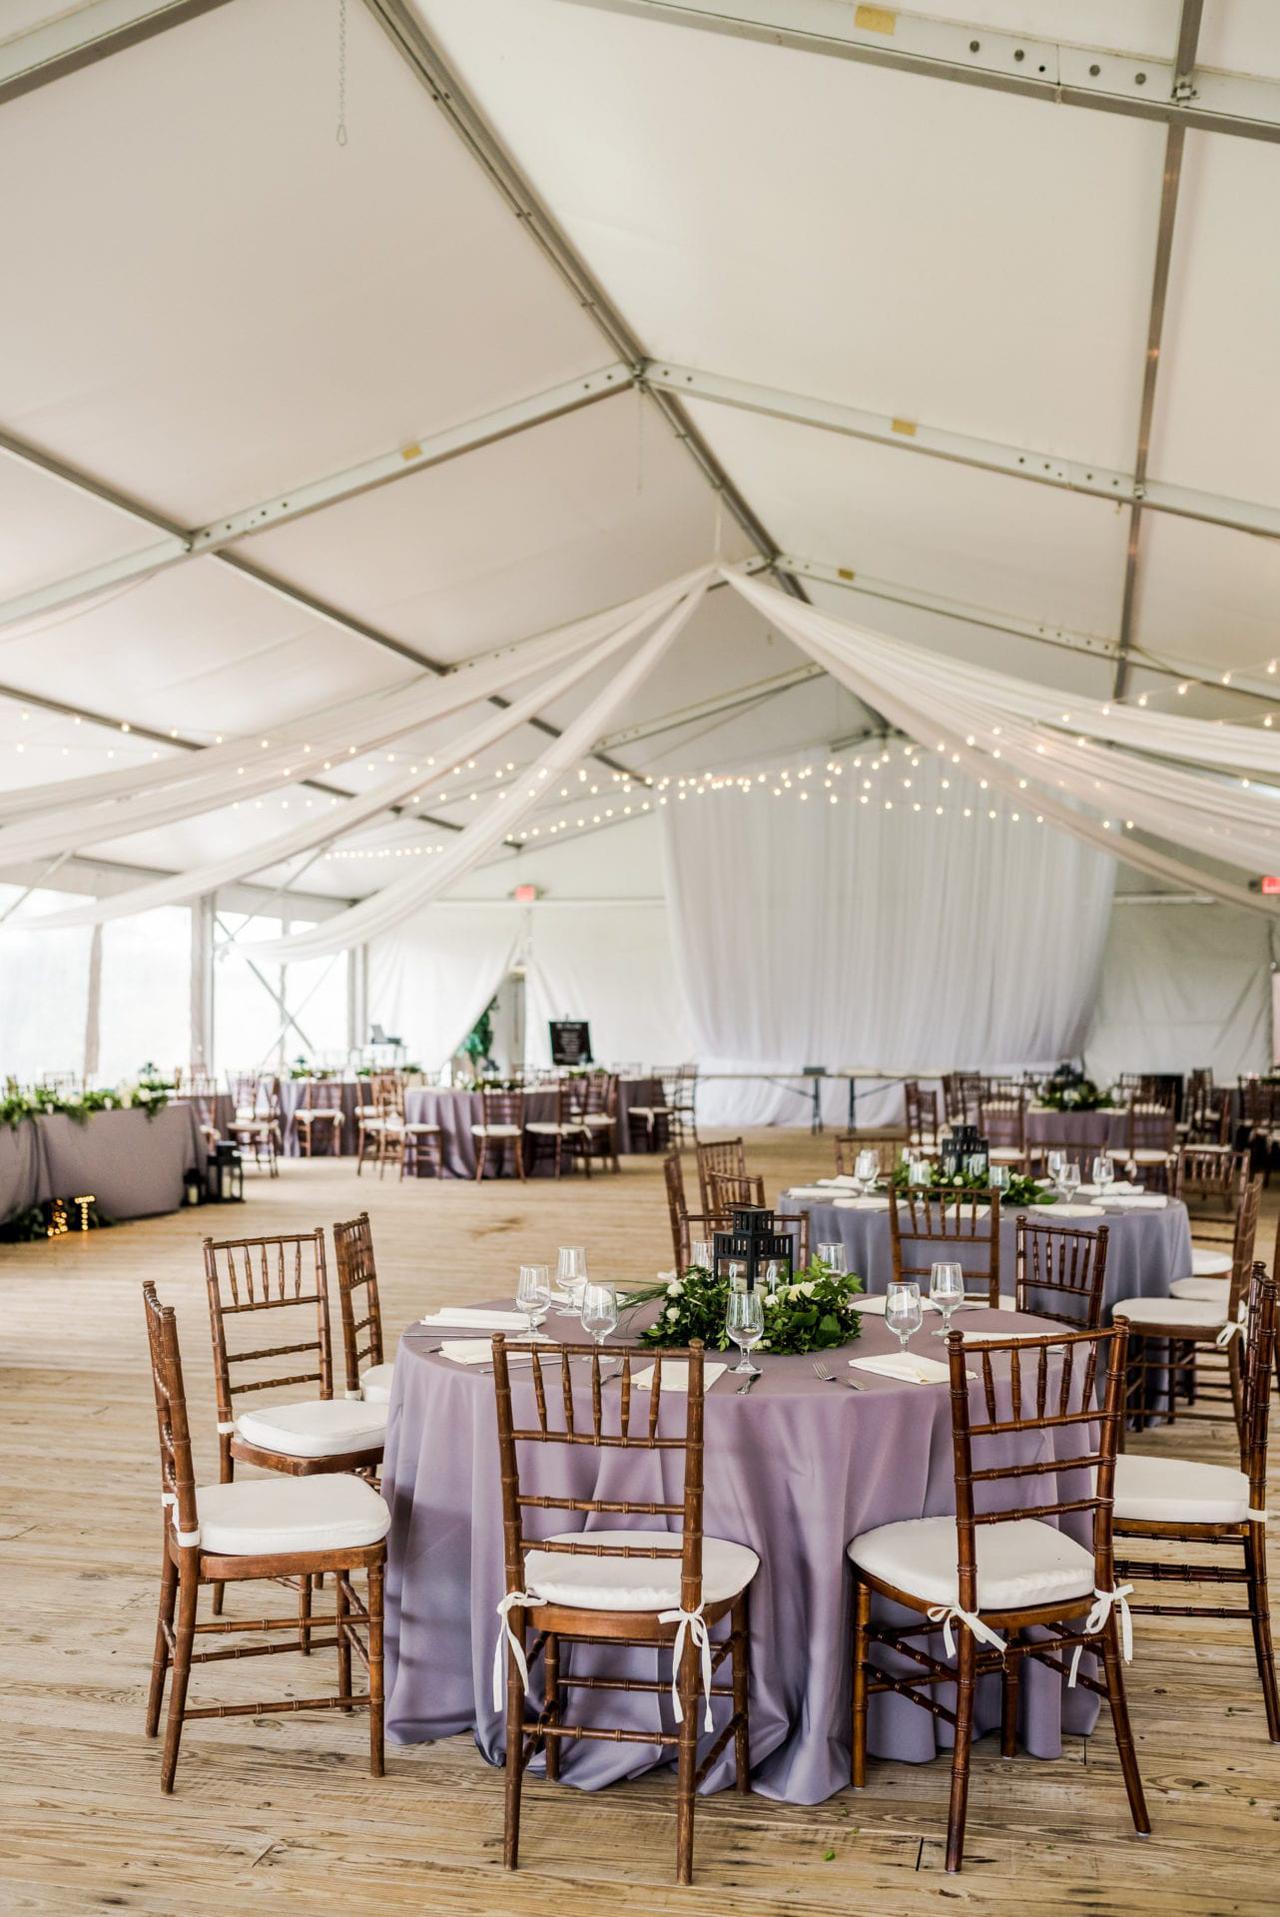 wedding tent interior at walker's overlook wedding venue in walkersville, md